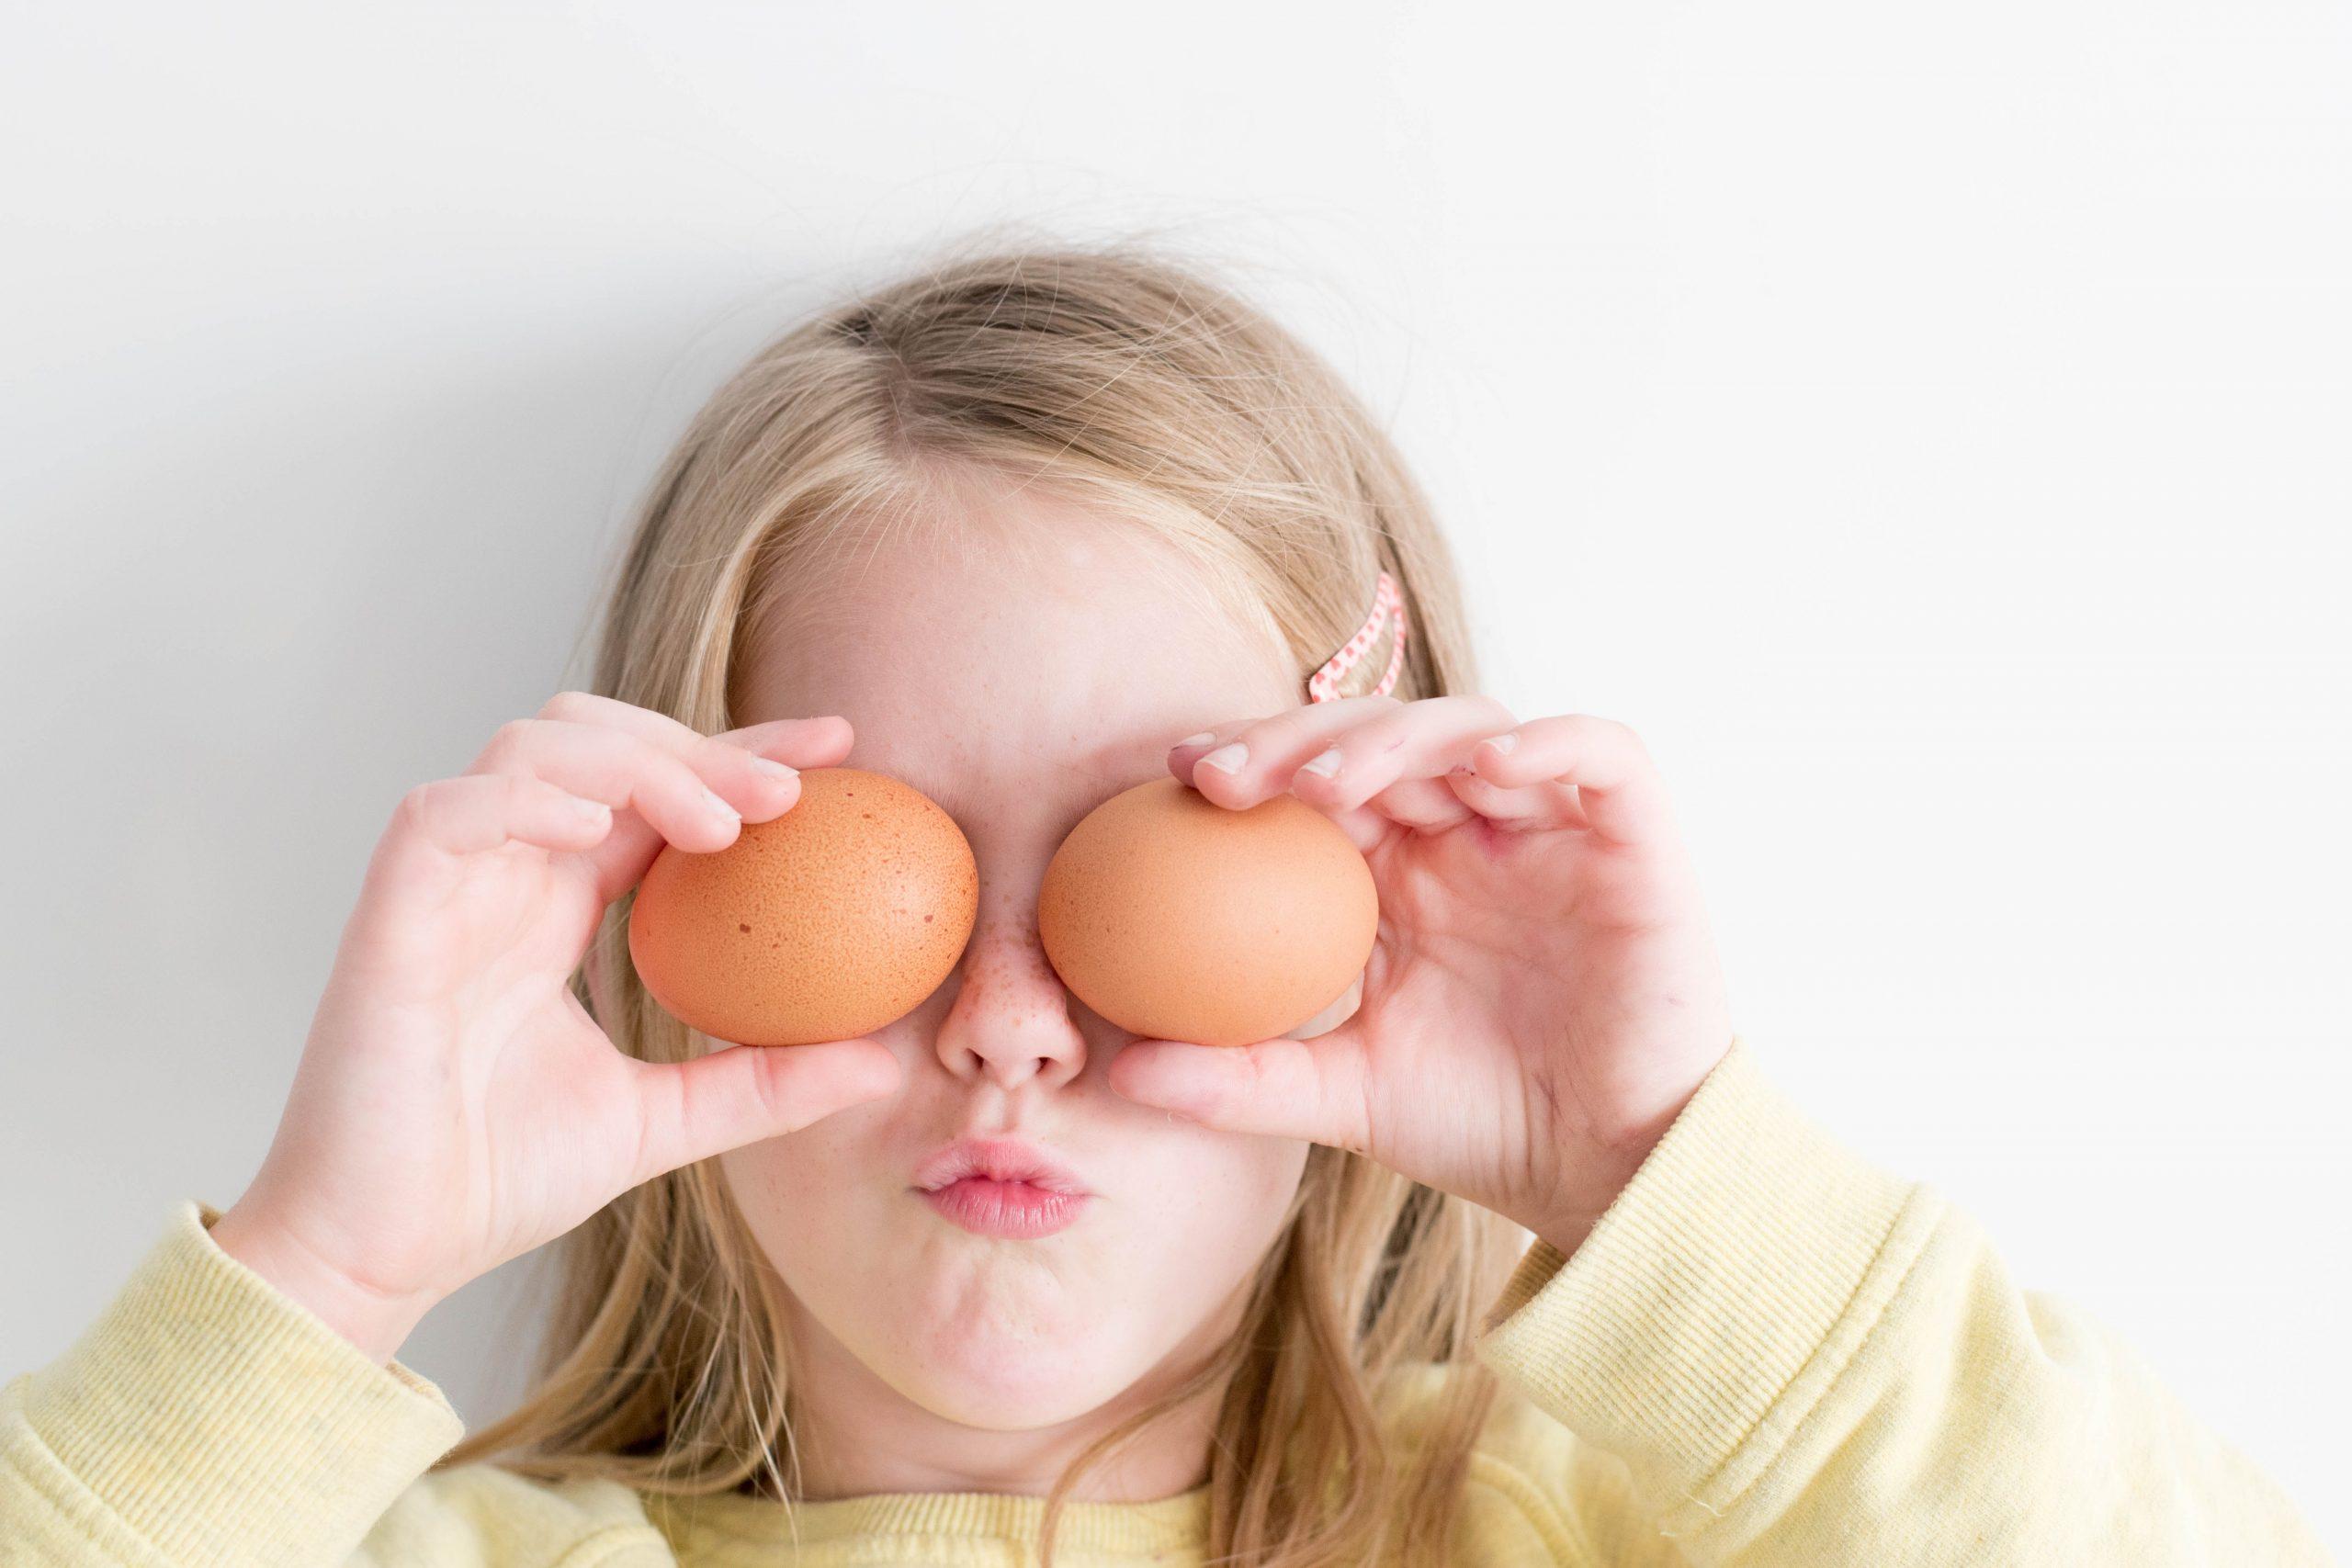 Yemek Seçen Çocuklar İçin Tüyolar-Seçme Nedenleri ve İpuçları